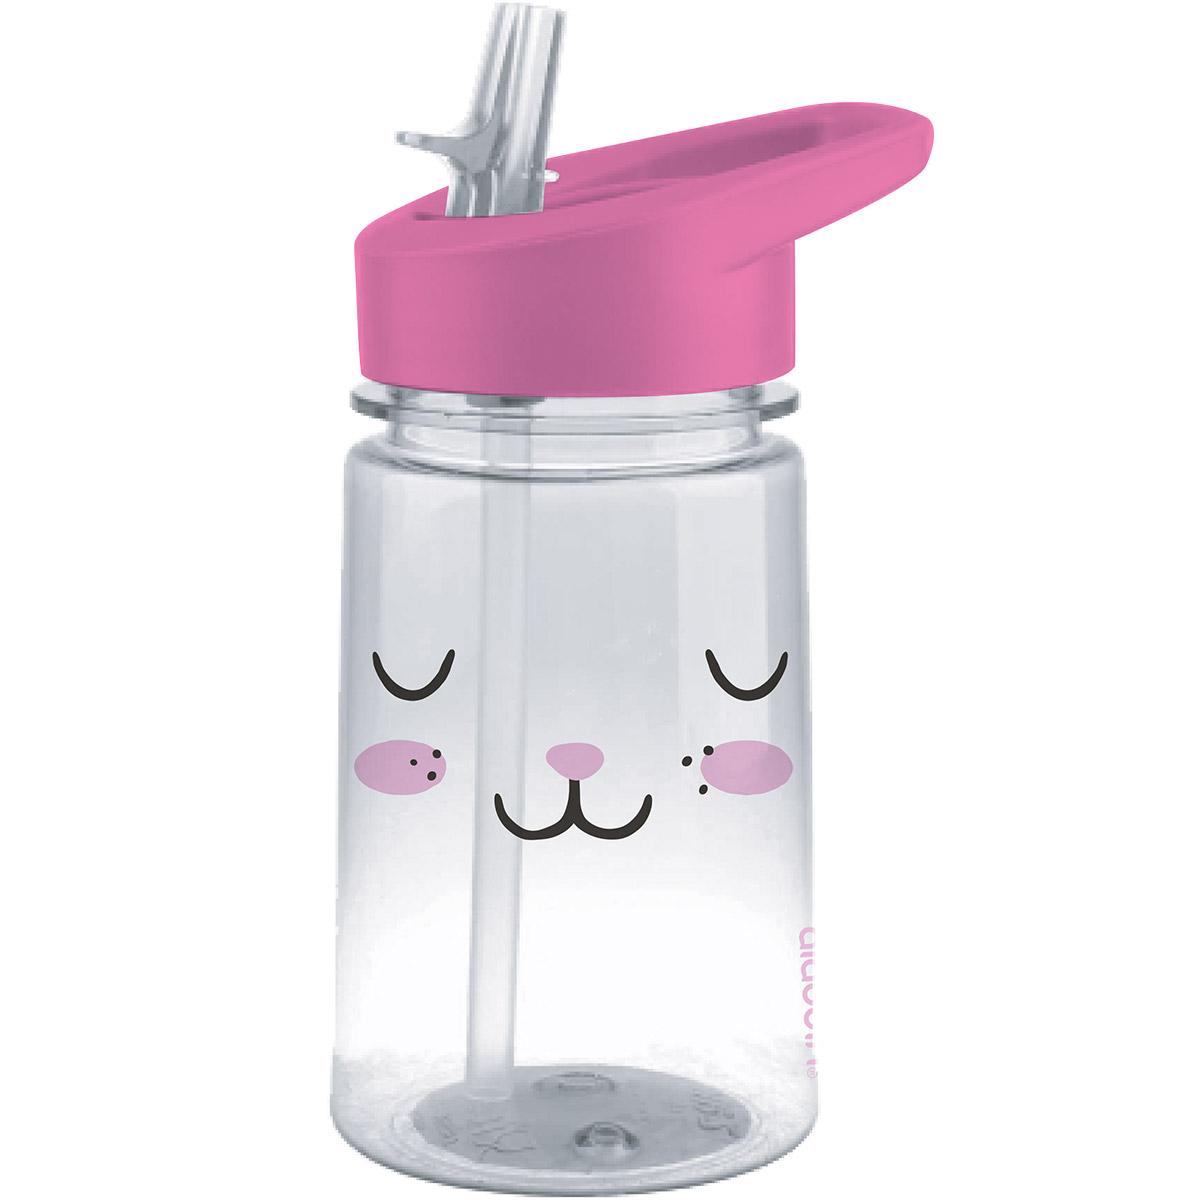 Butelka Na Wodę Dla Dzieci Z Rurką Królik Zoo Aladdin 035 Litra